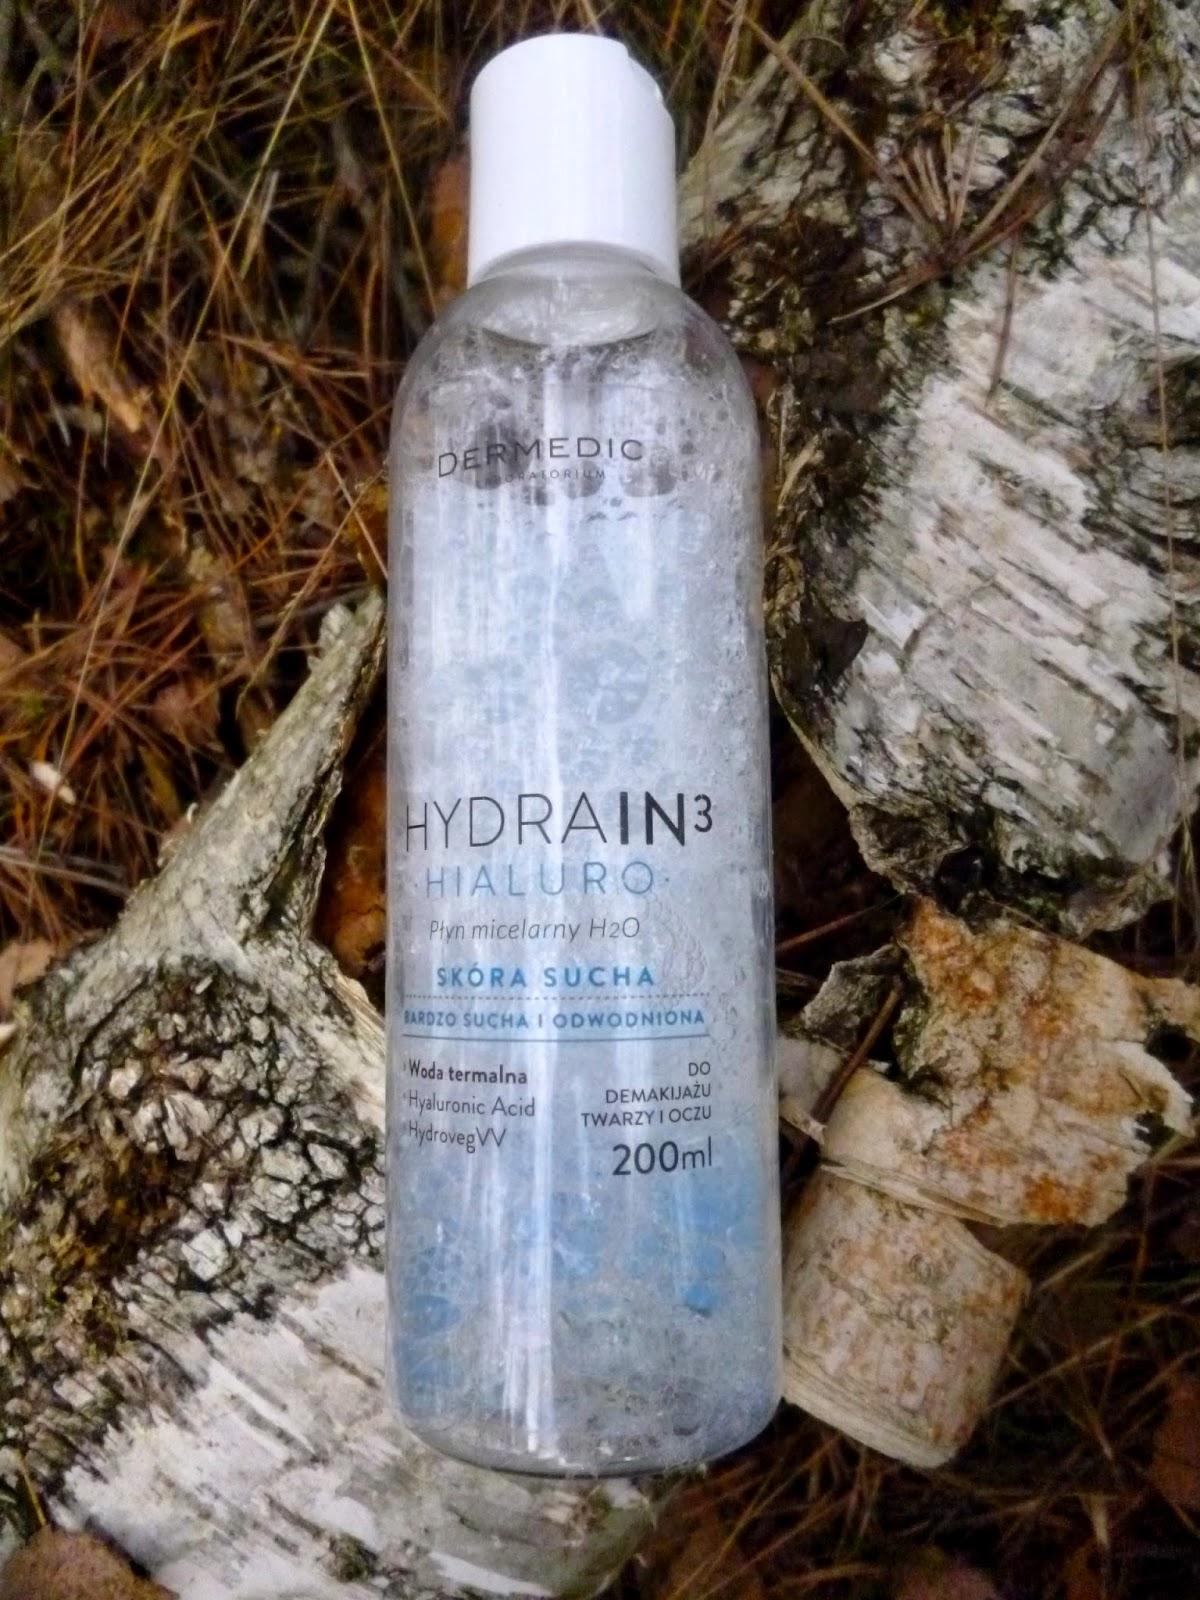 Dermedic, Hydrain 3 hialuro, Płyn micelarny